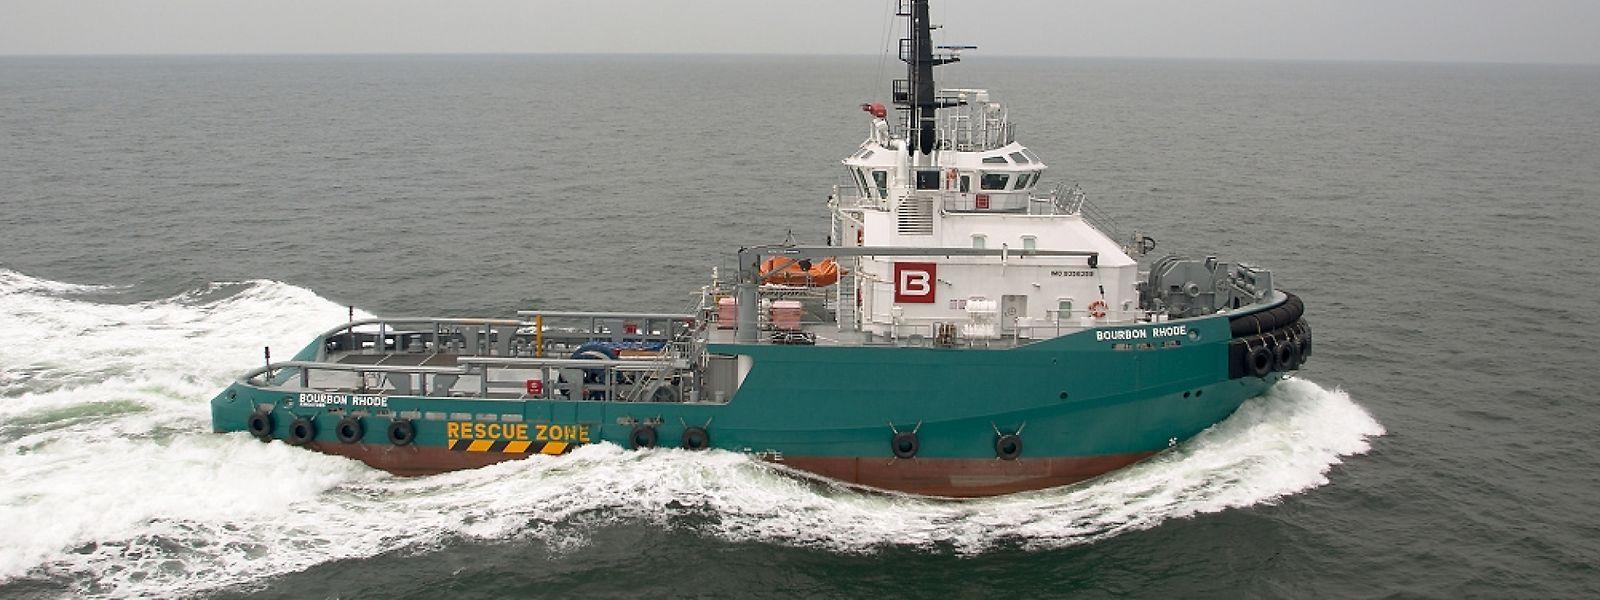 Immatriculé au Luxembourg, propriété d'un armateur français, le Bourbon Rhode a coulé le 26 septembre dernier.